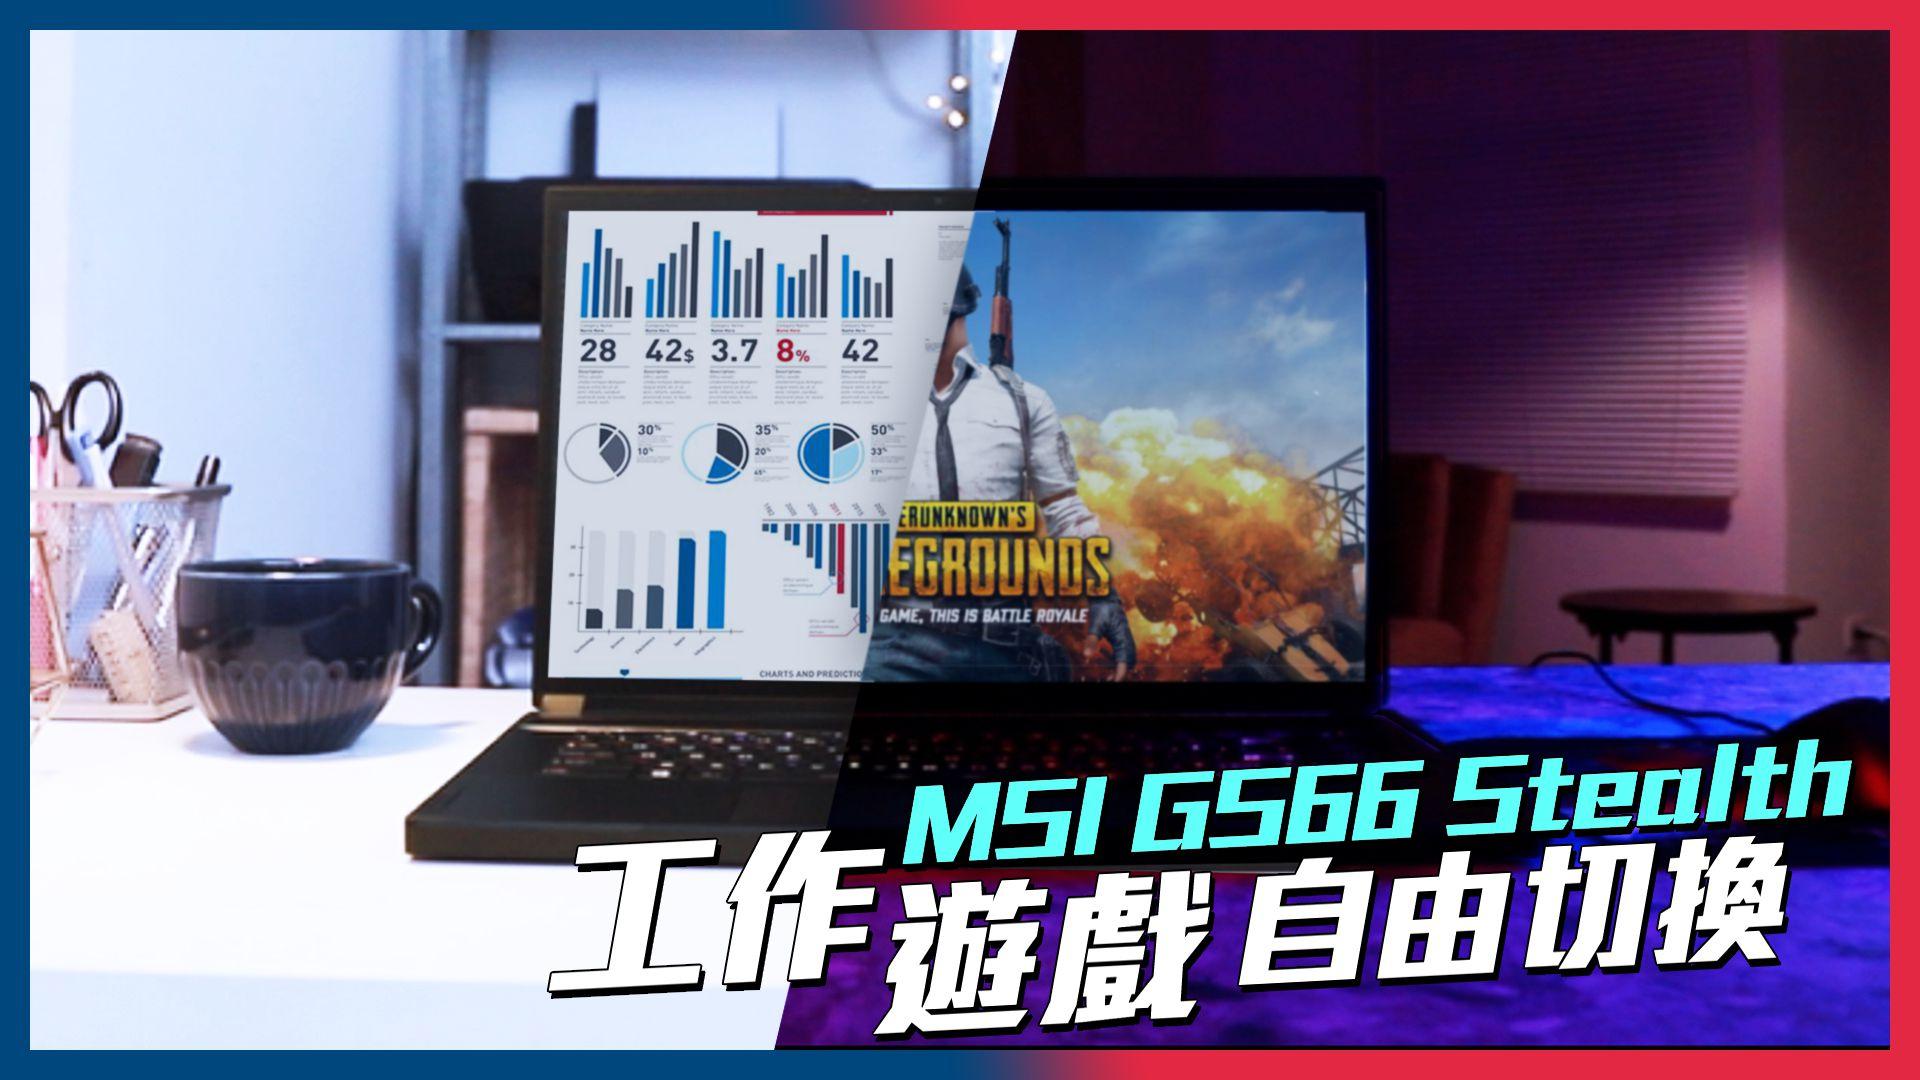 採購推薦 MSI GS66 Stealth 電競筆電 專業工作者 / 遊戲玩家一秒輕鬆切換